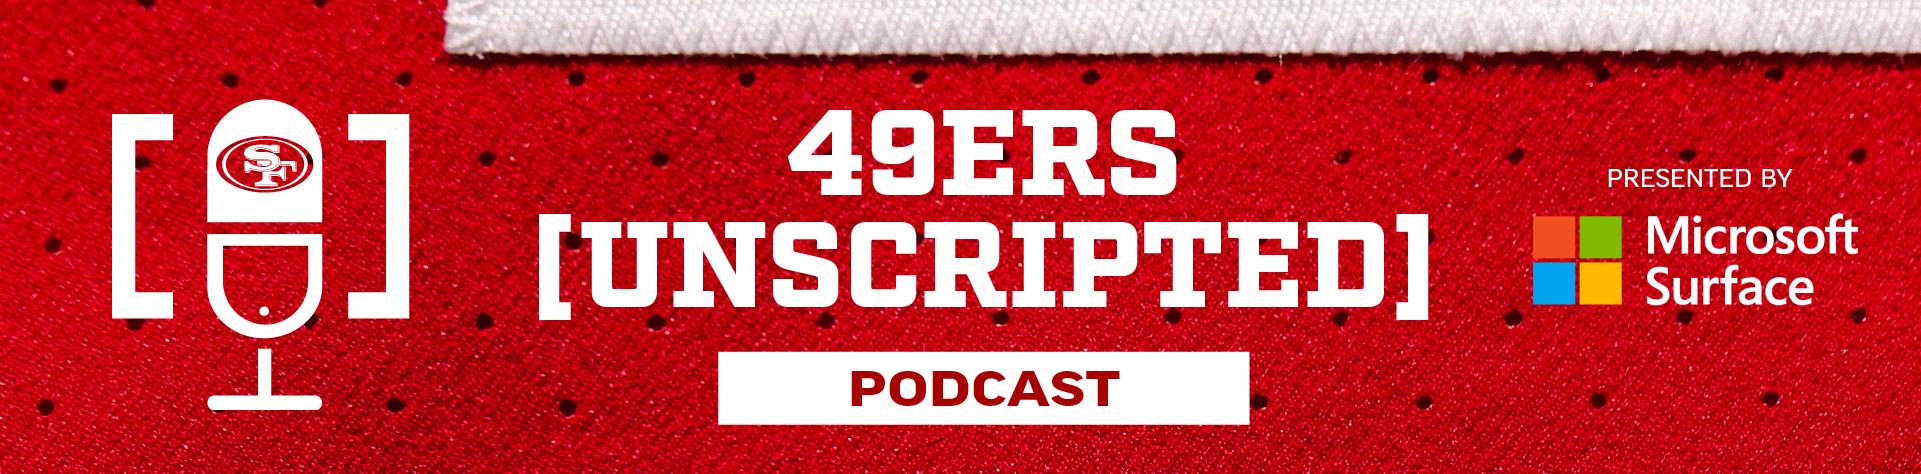 49ersUnscriptedPodcast-04